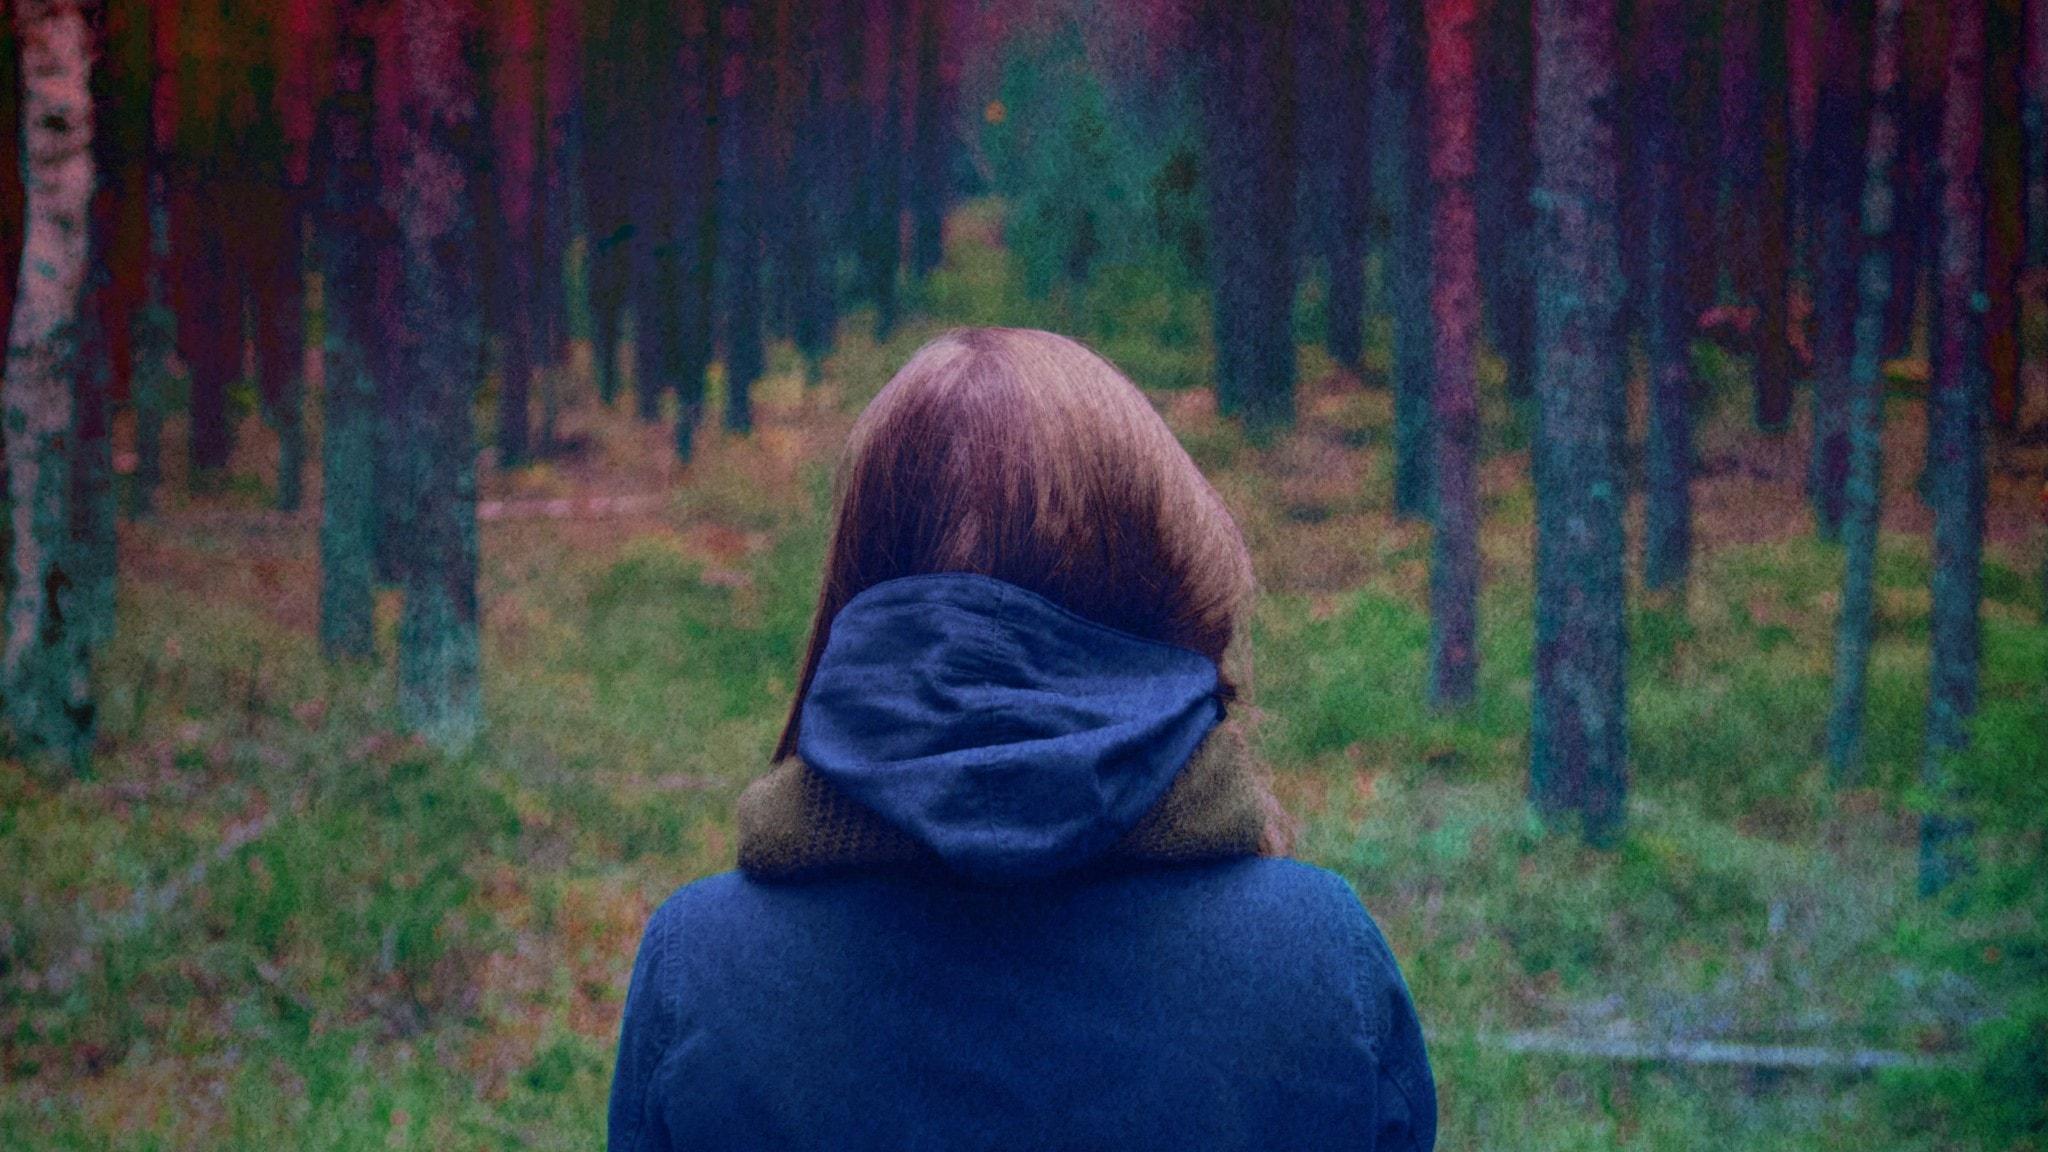 En flicka med rött hår står med ryggen mot kameran i en skog